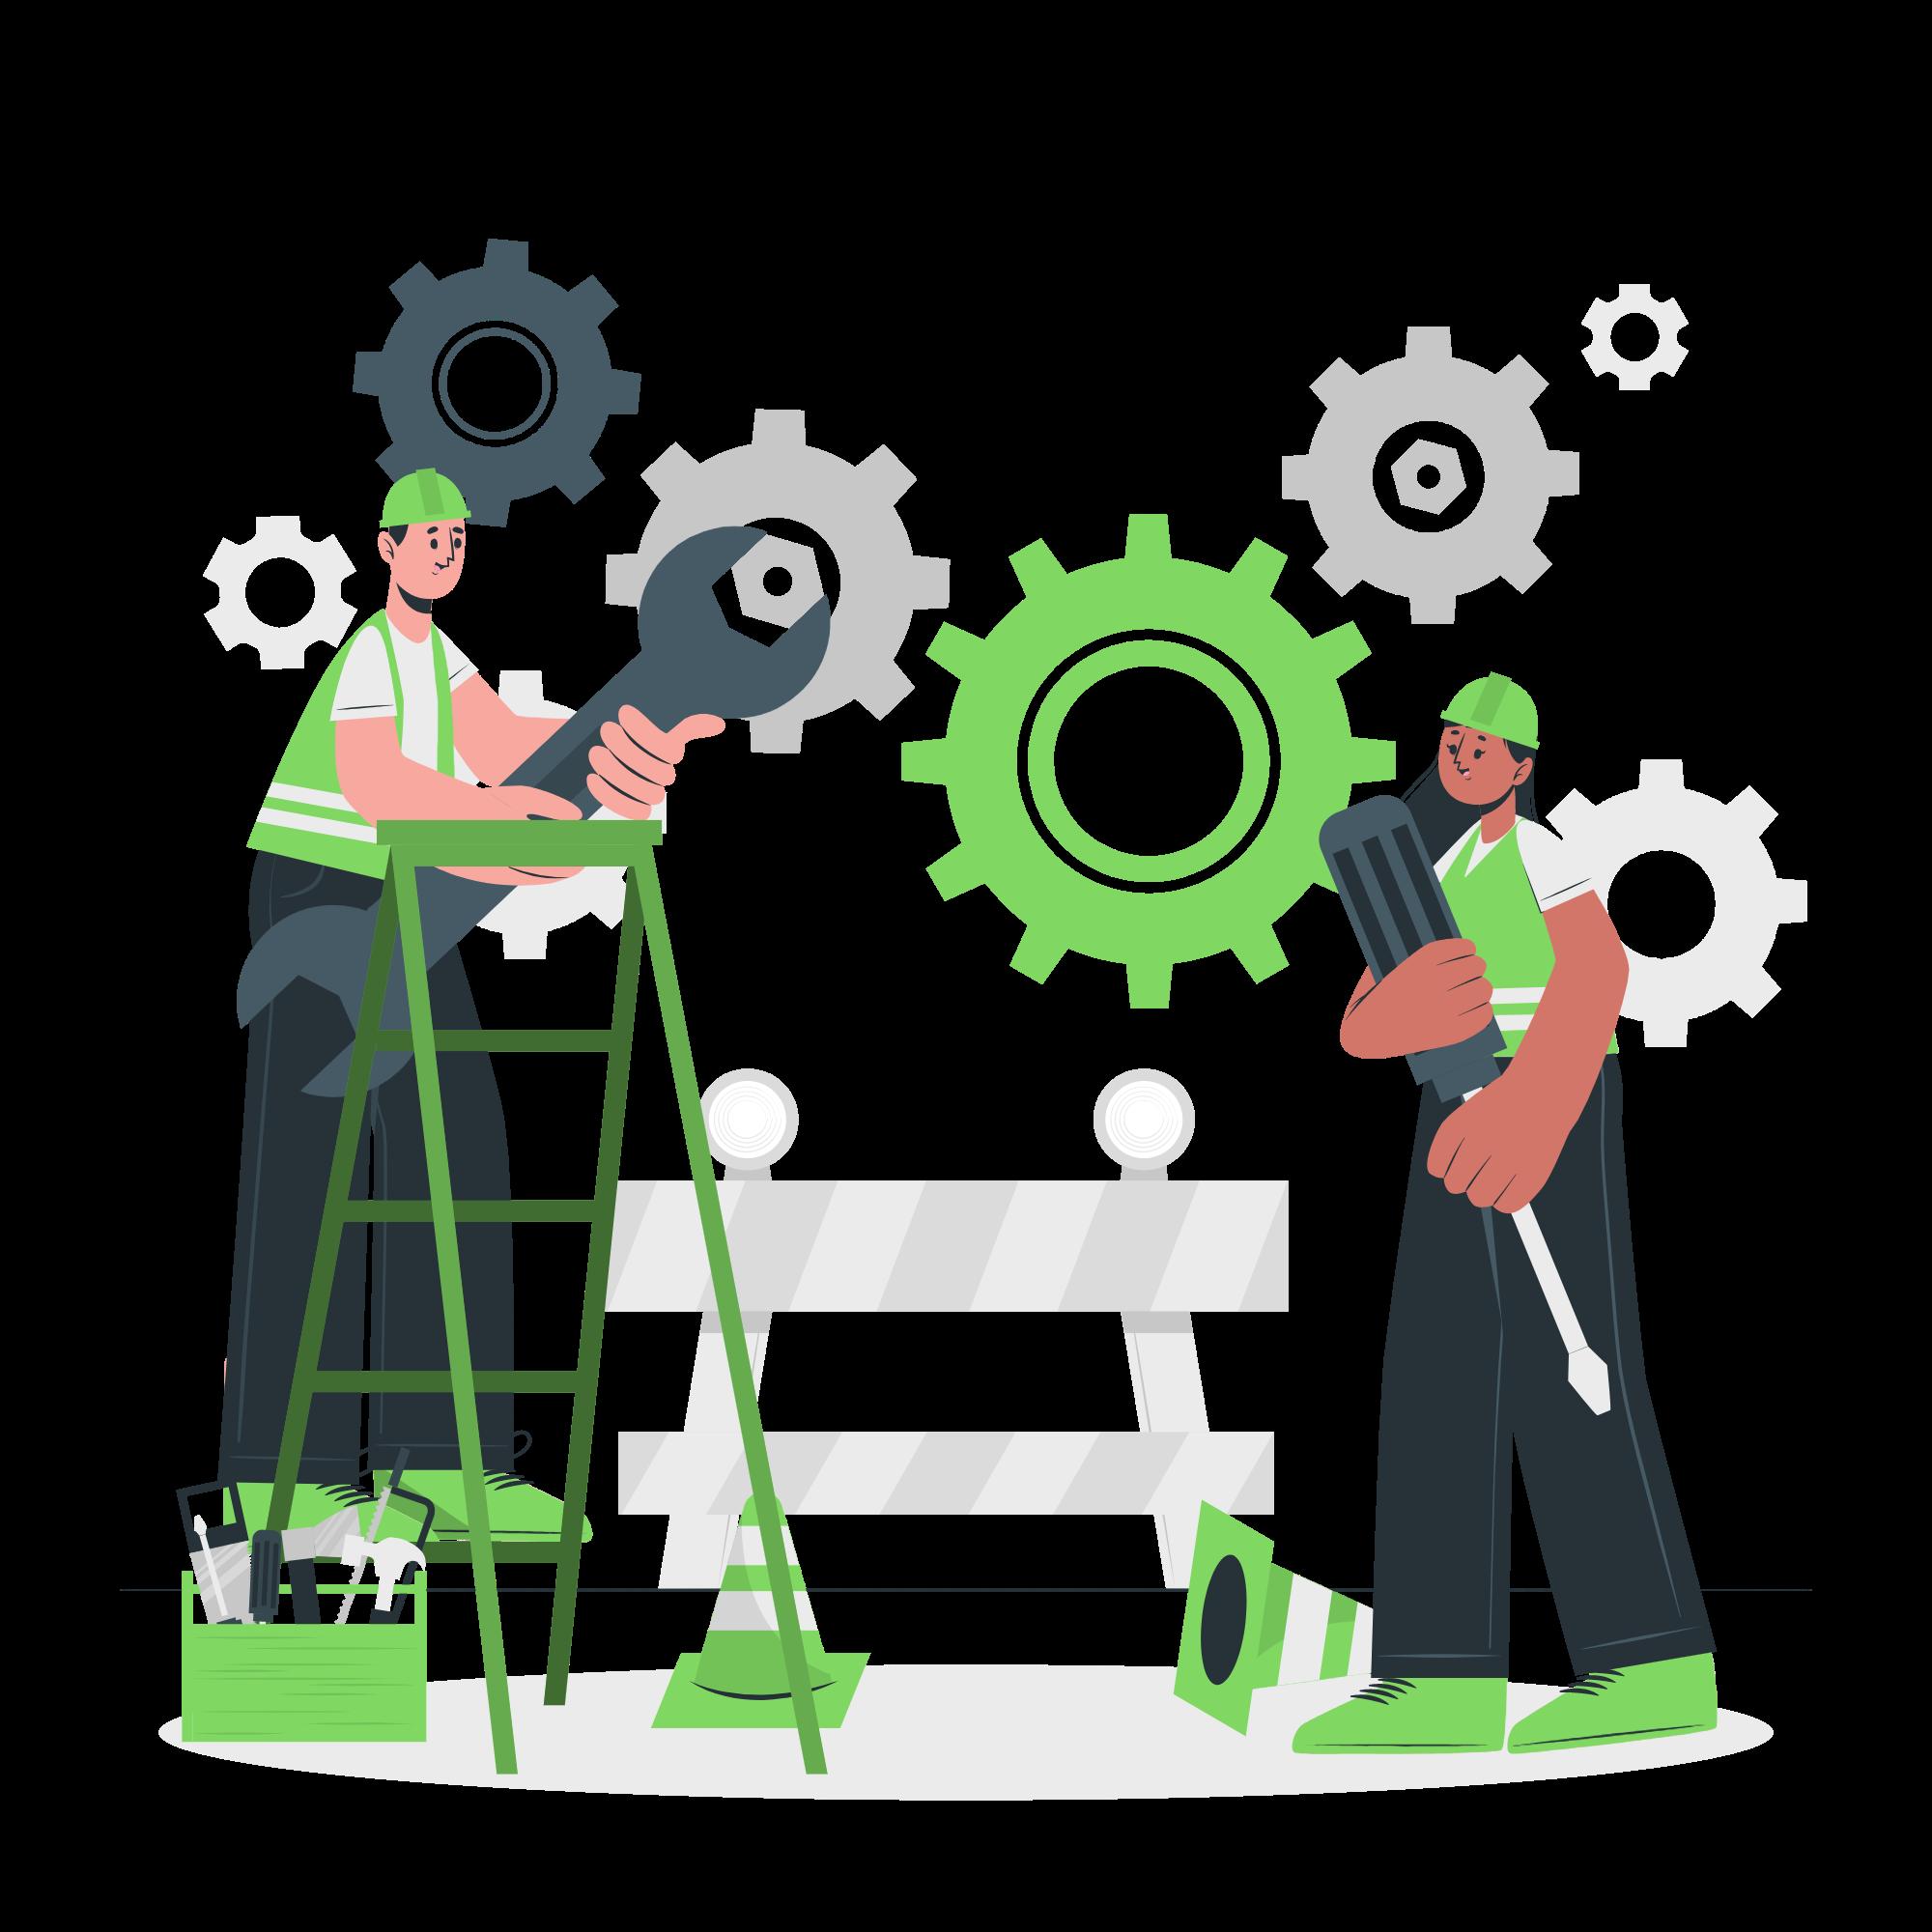 mettre les bons collaborateurs en face de chaque projet